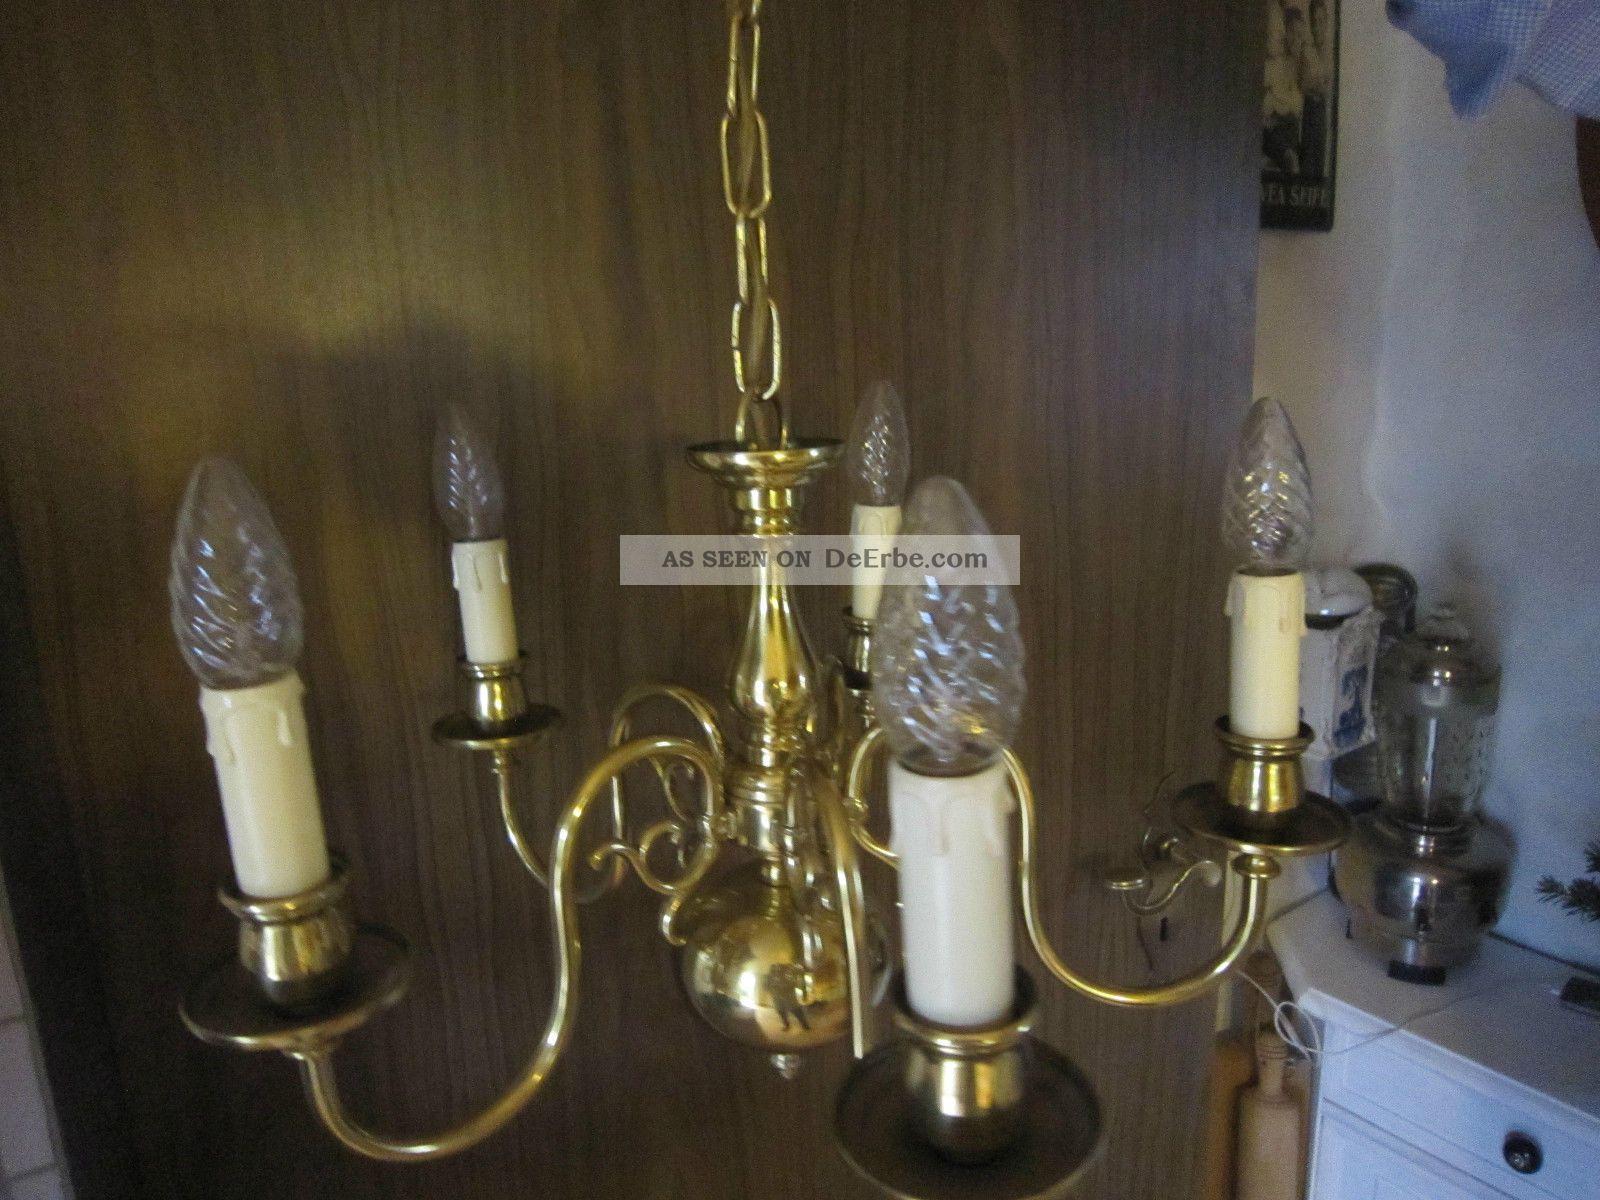 Kronleuchter Glühbirne ~ Kronleuchter mit glühbirnen » moderne kronleuchter aus alten sachen